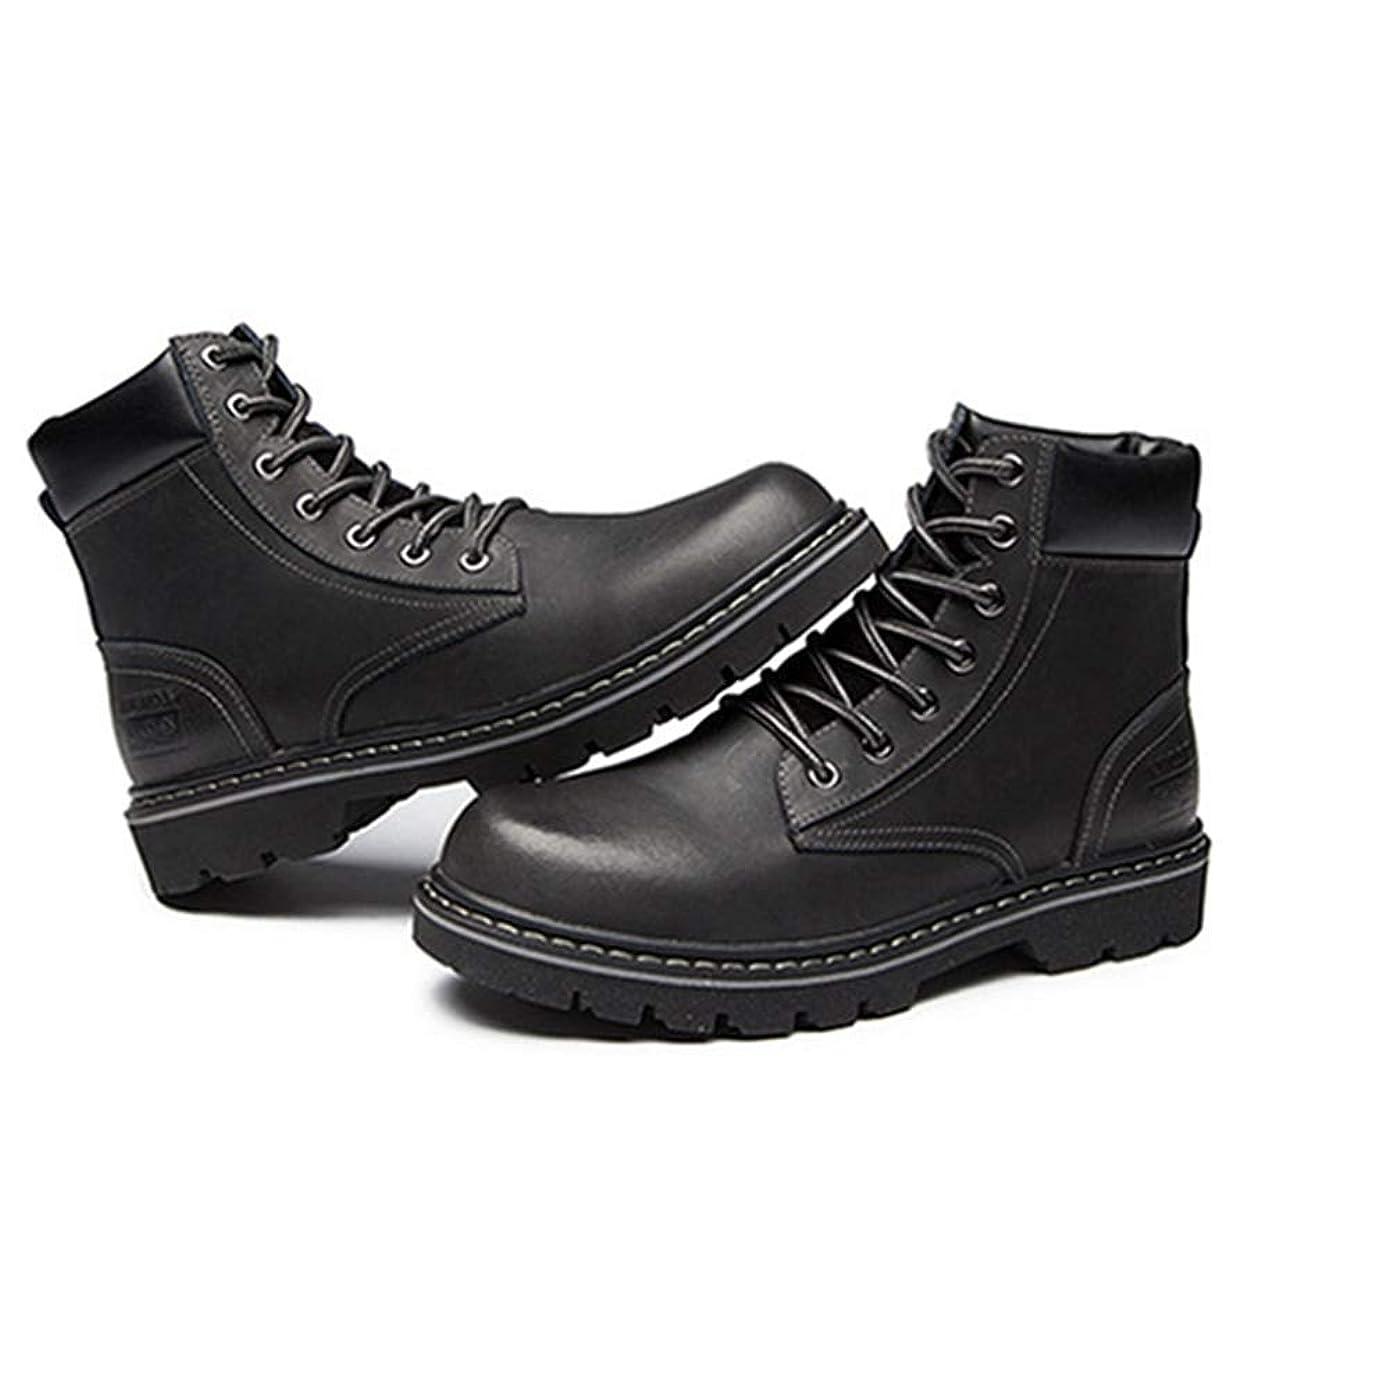 知事依存するフルーツマーティンブーツ ショートブーツ メンズ 本革 レースアップ ハイカット 黒 ブラック ブラウン 衝撃吸収 滑り止め ラウンドトゥ ワークブーツ アウトドア カジュアル メンズ靴 安全靴